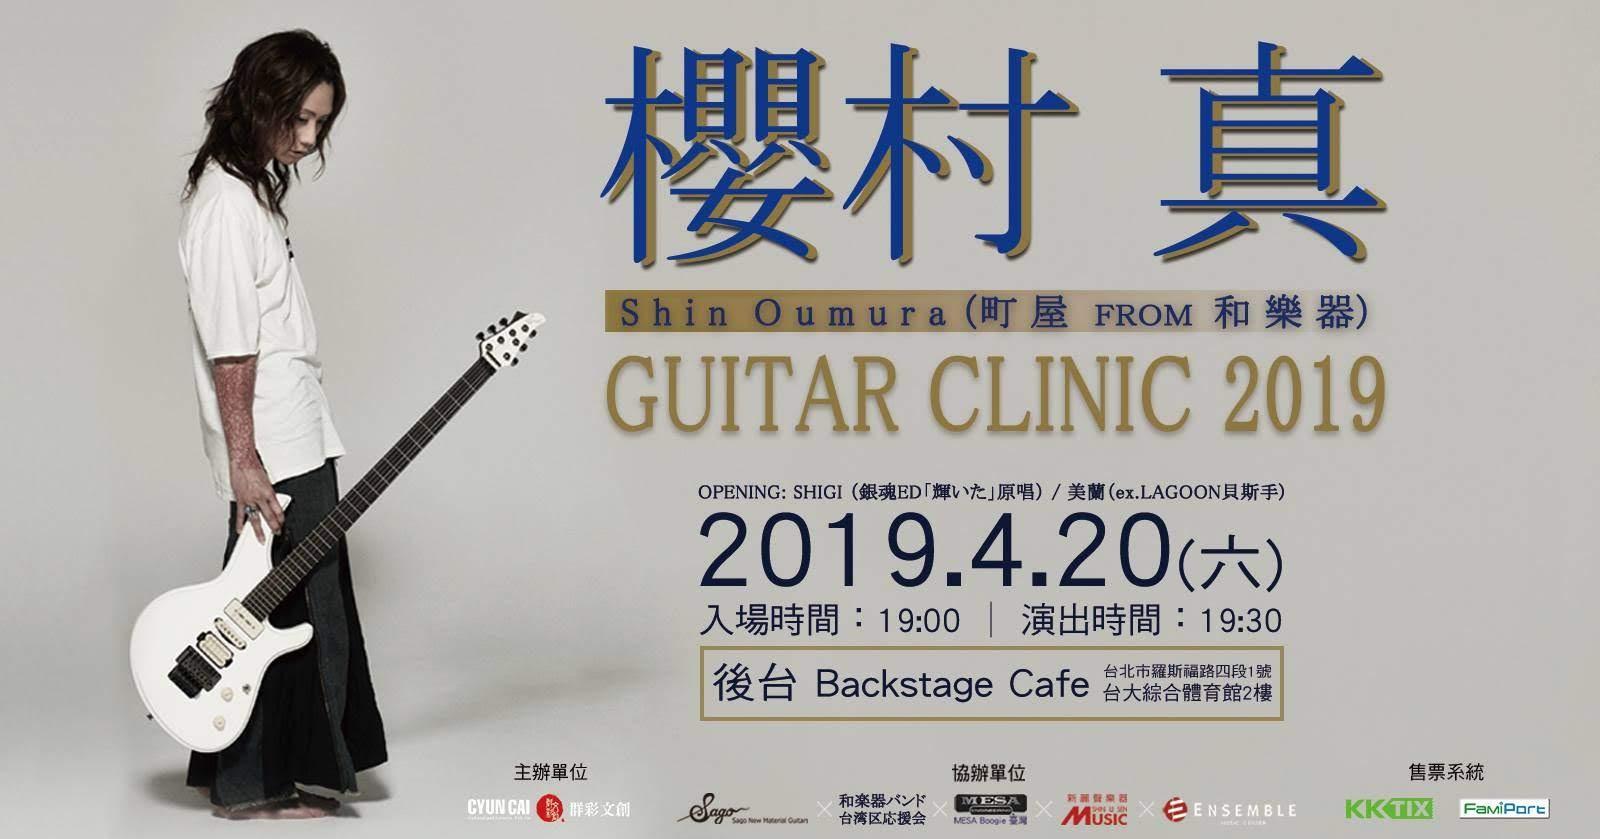 [迷迷演唱會] 櫻村真(aka町屋)將來台舉辦電吉他講座